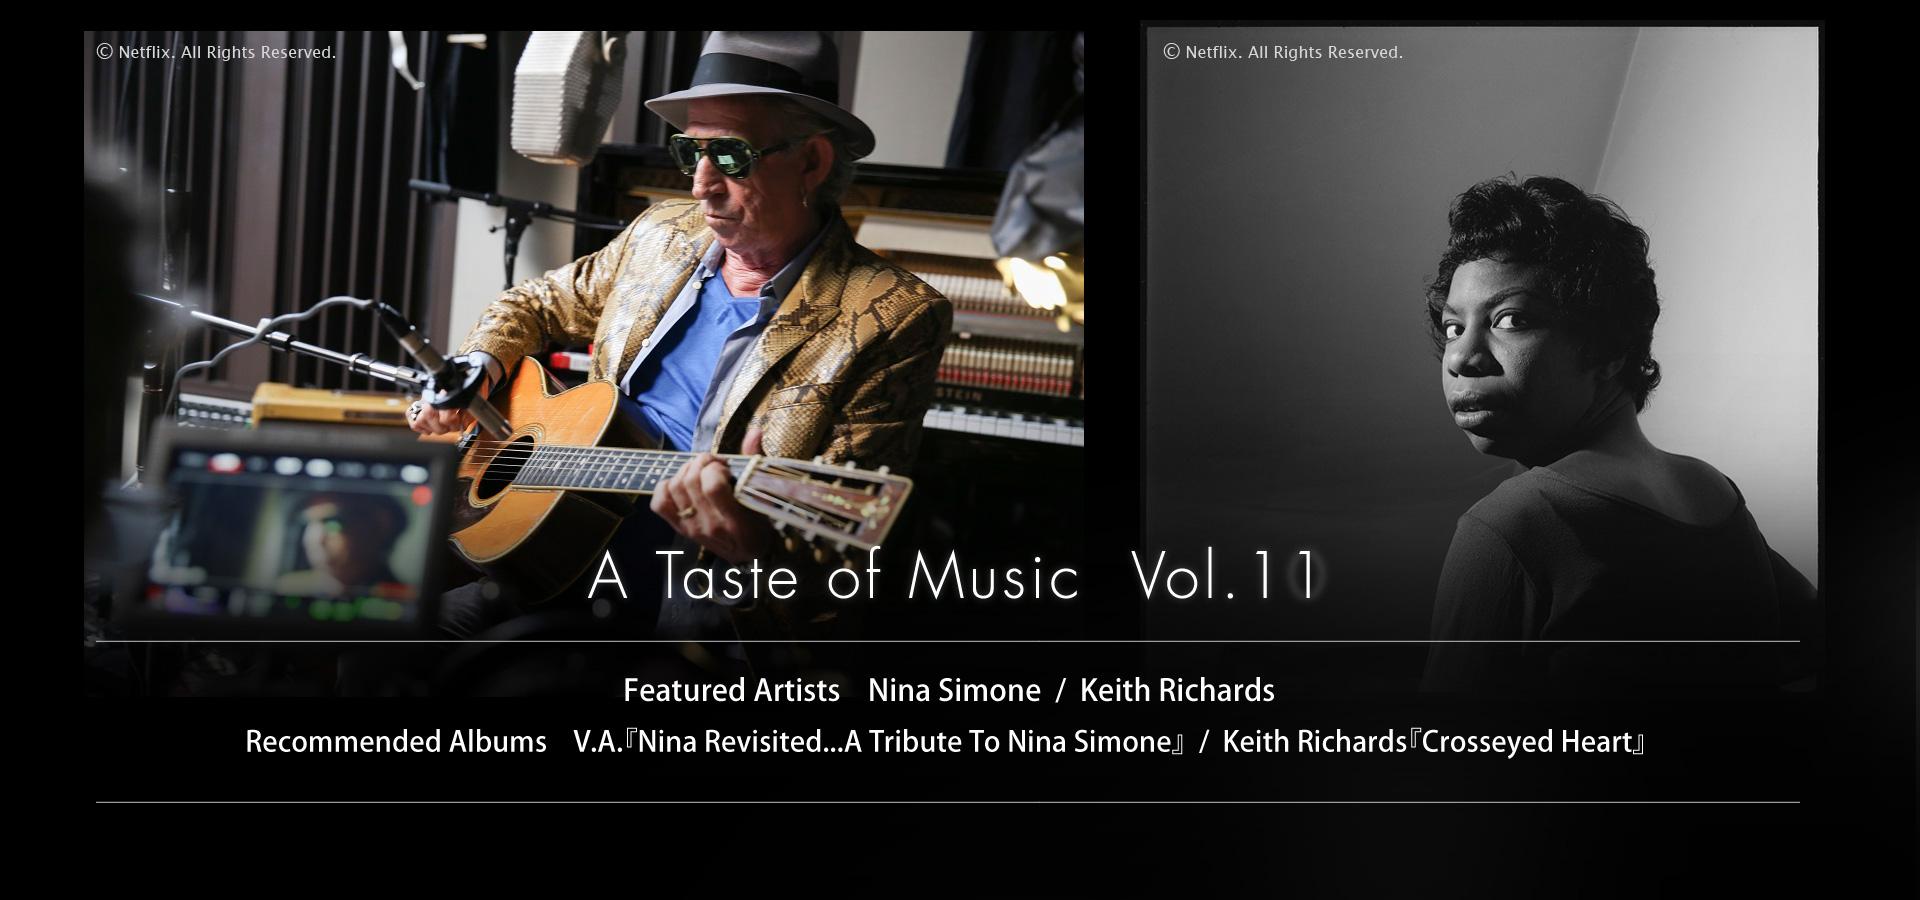 slider image A Taste of Music Vol.11